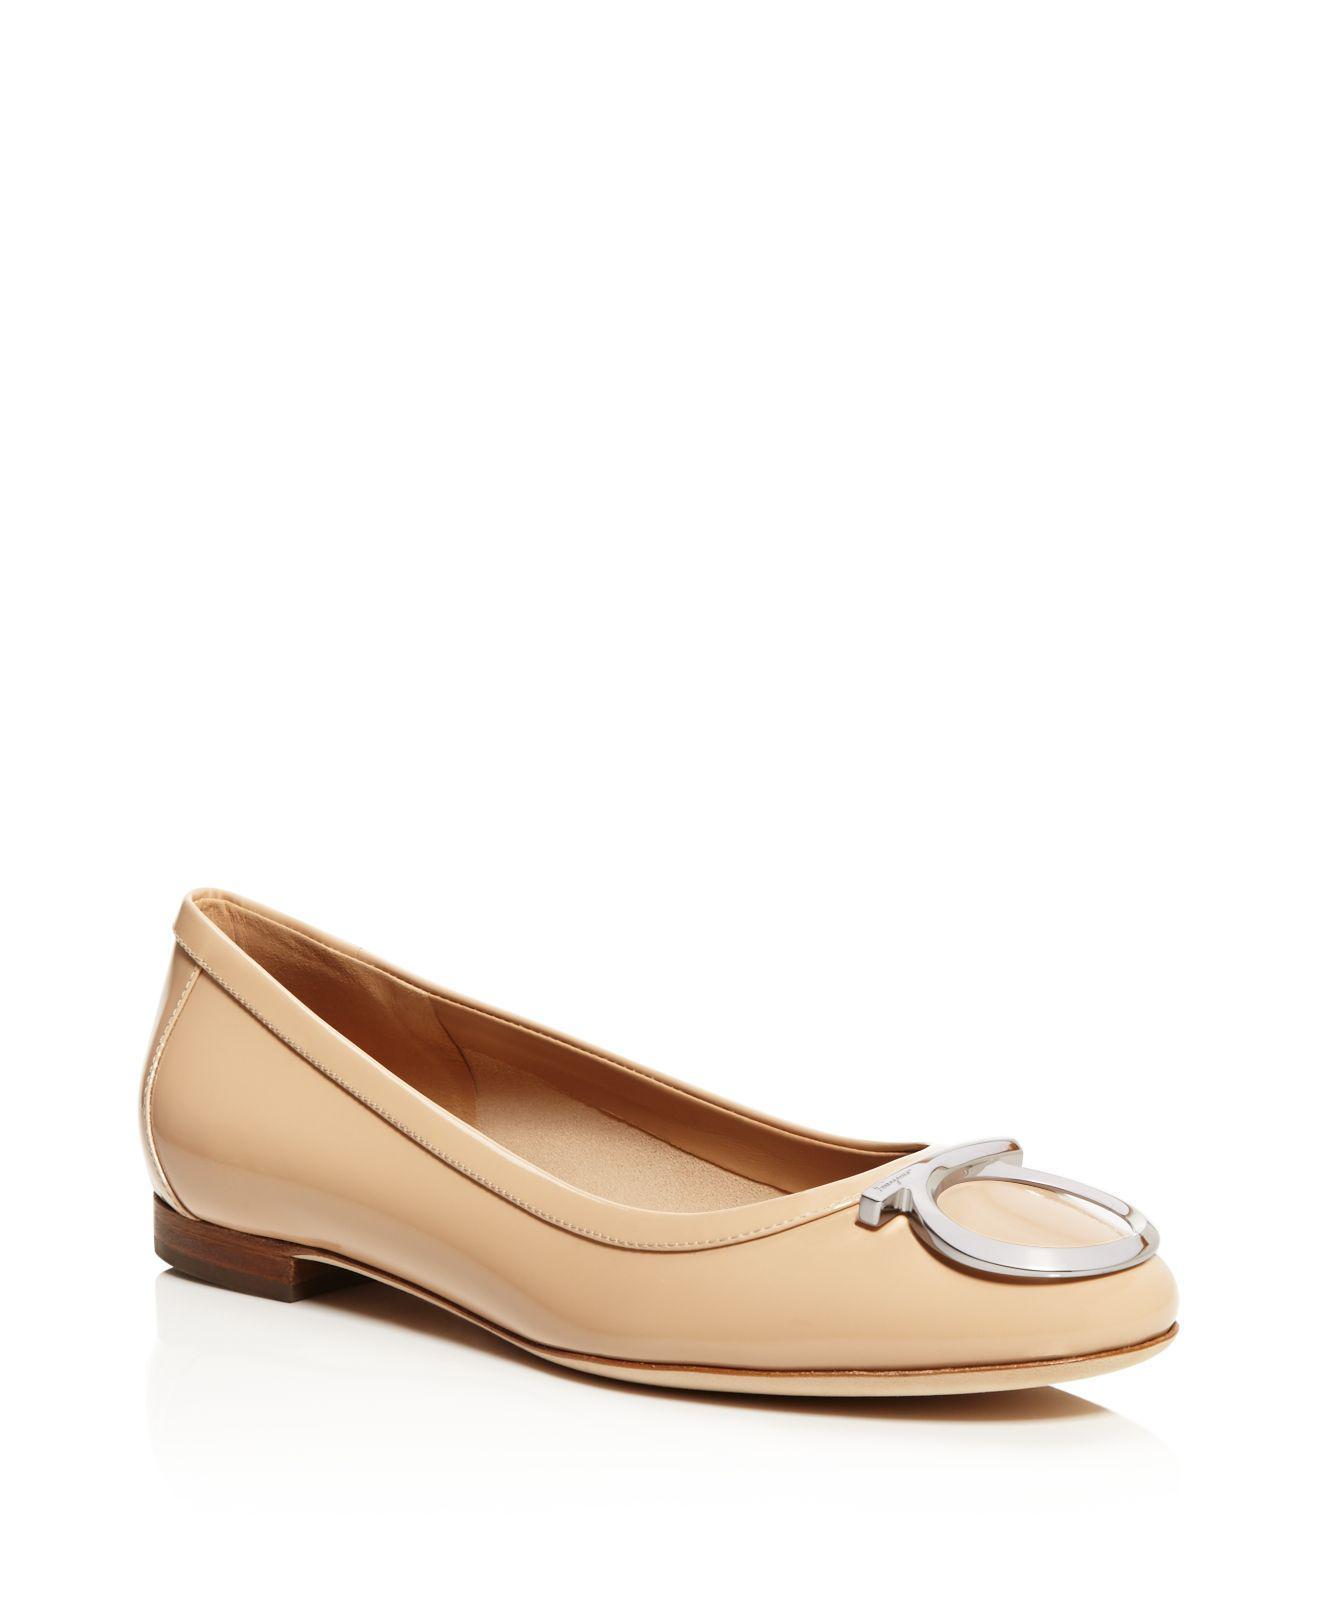 Bloomingdales Flat Shoes